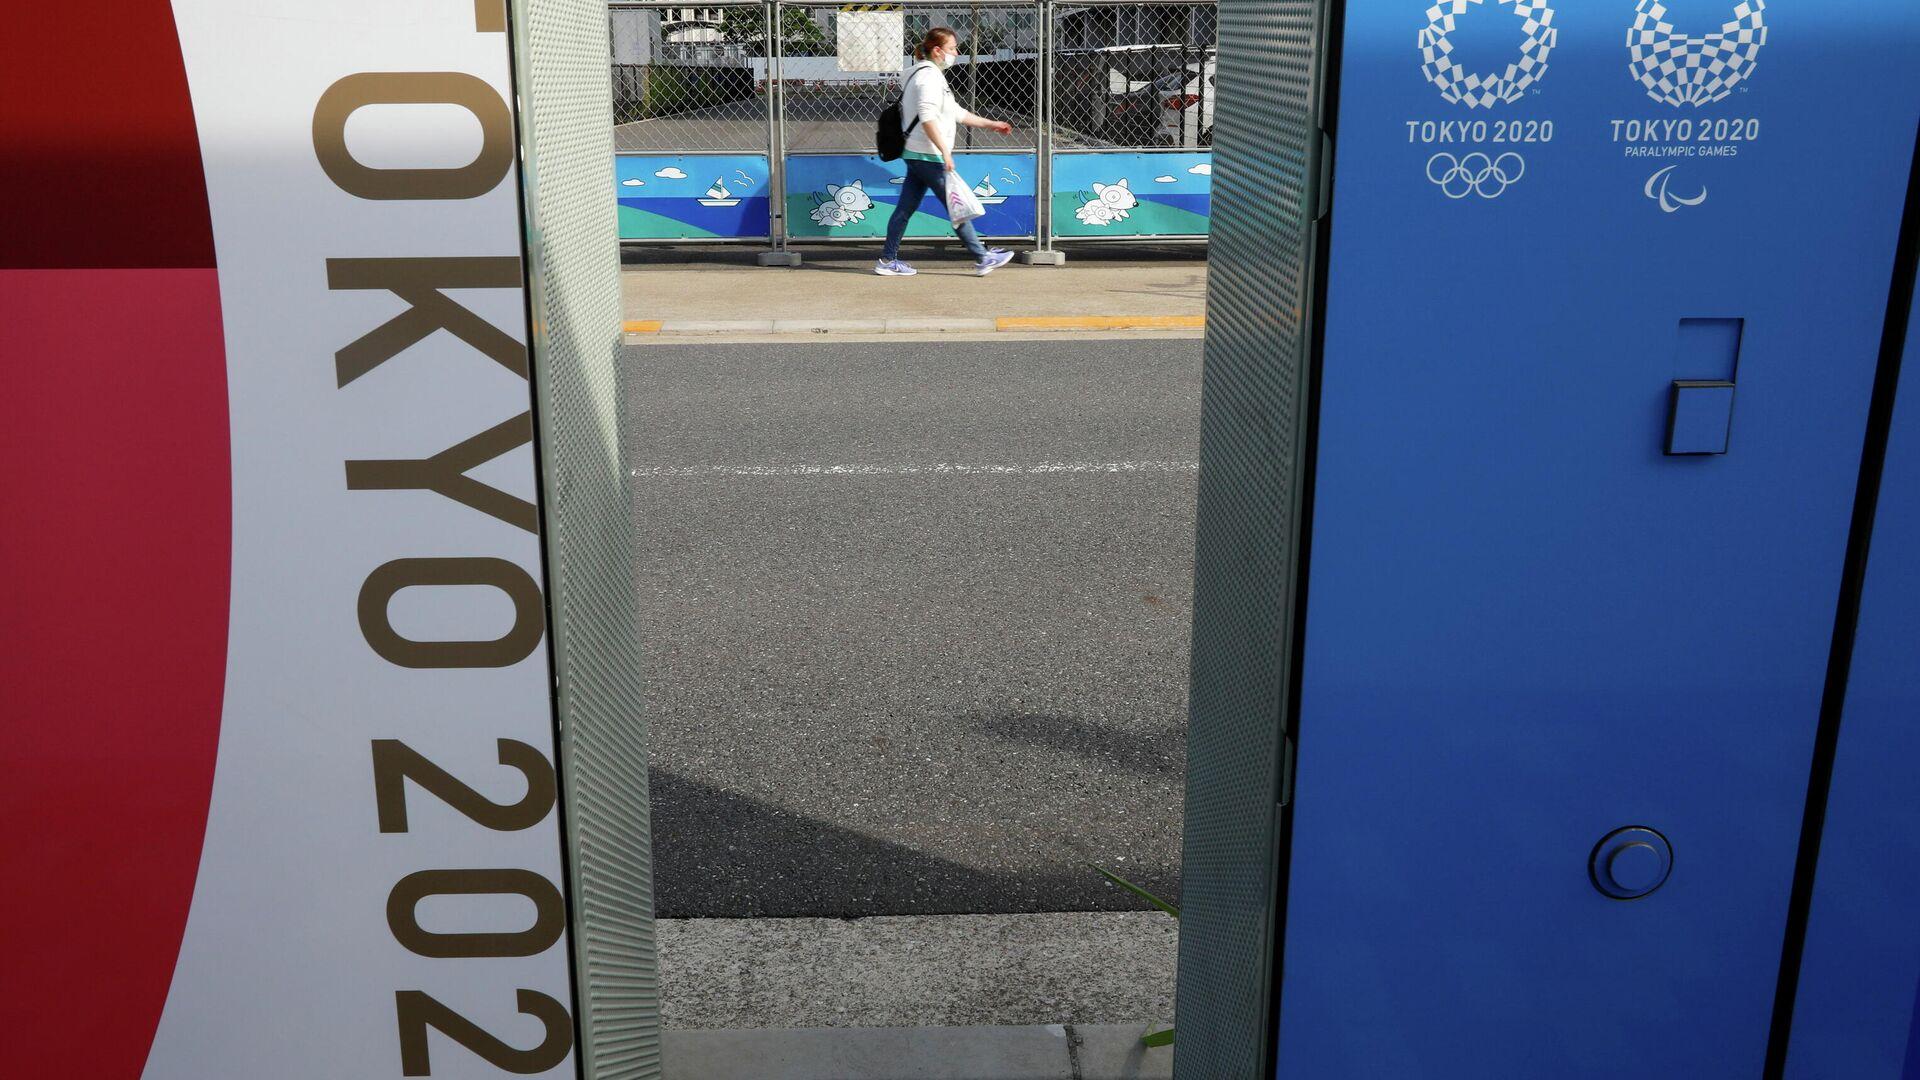 Логотипы Олимпийских и Паралимпийских игр в Токио 2020 года - РИА Новости, 1920, 24.05.2021